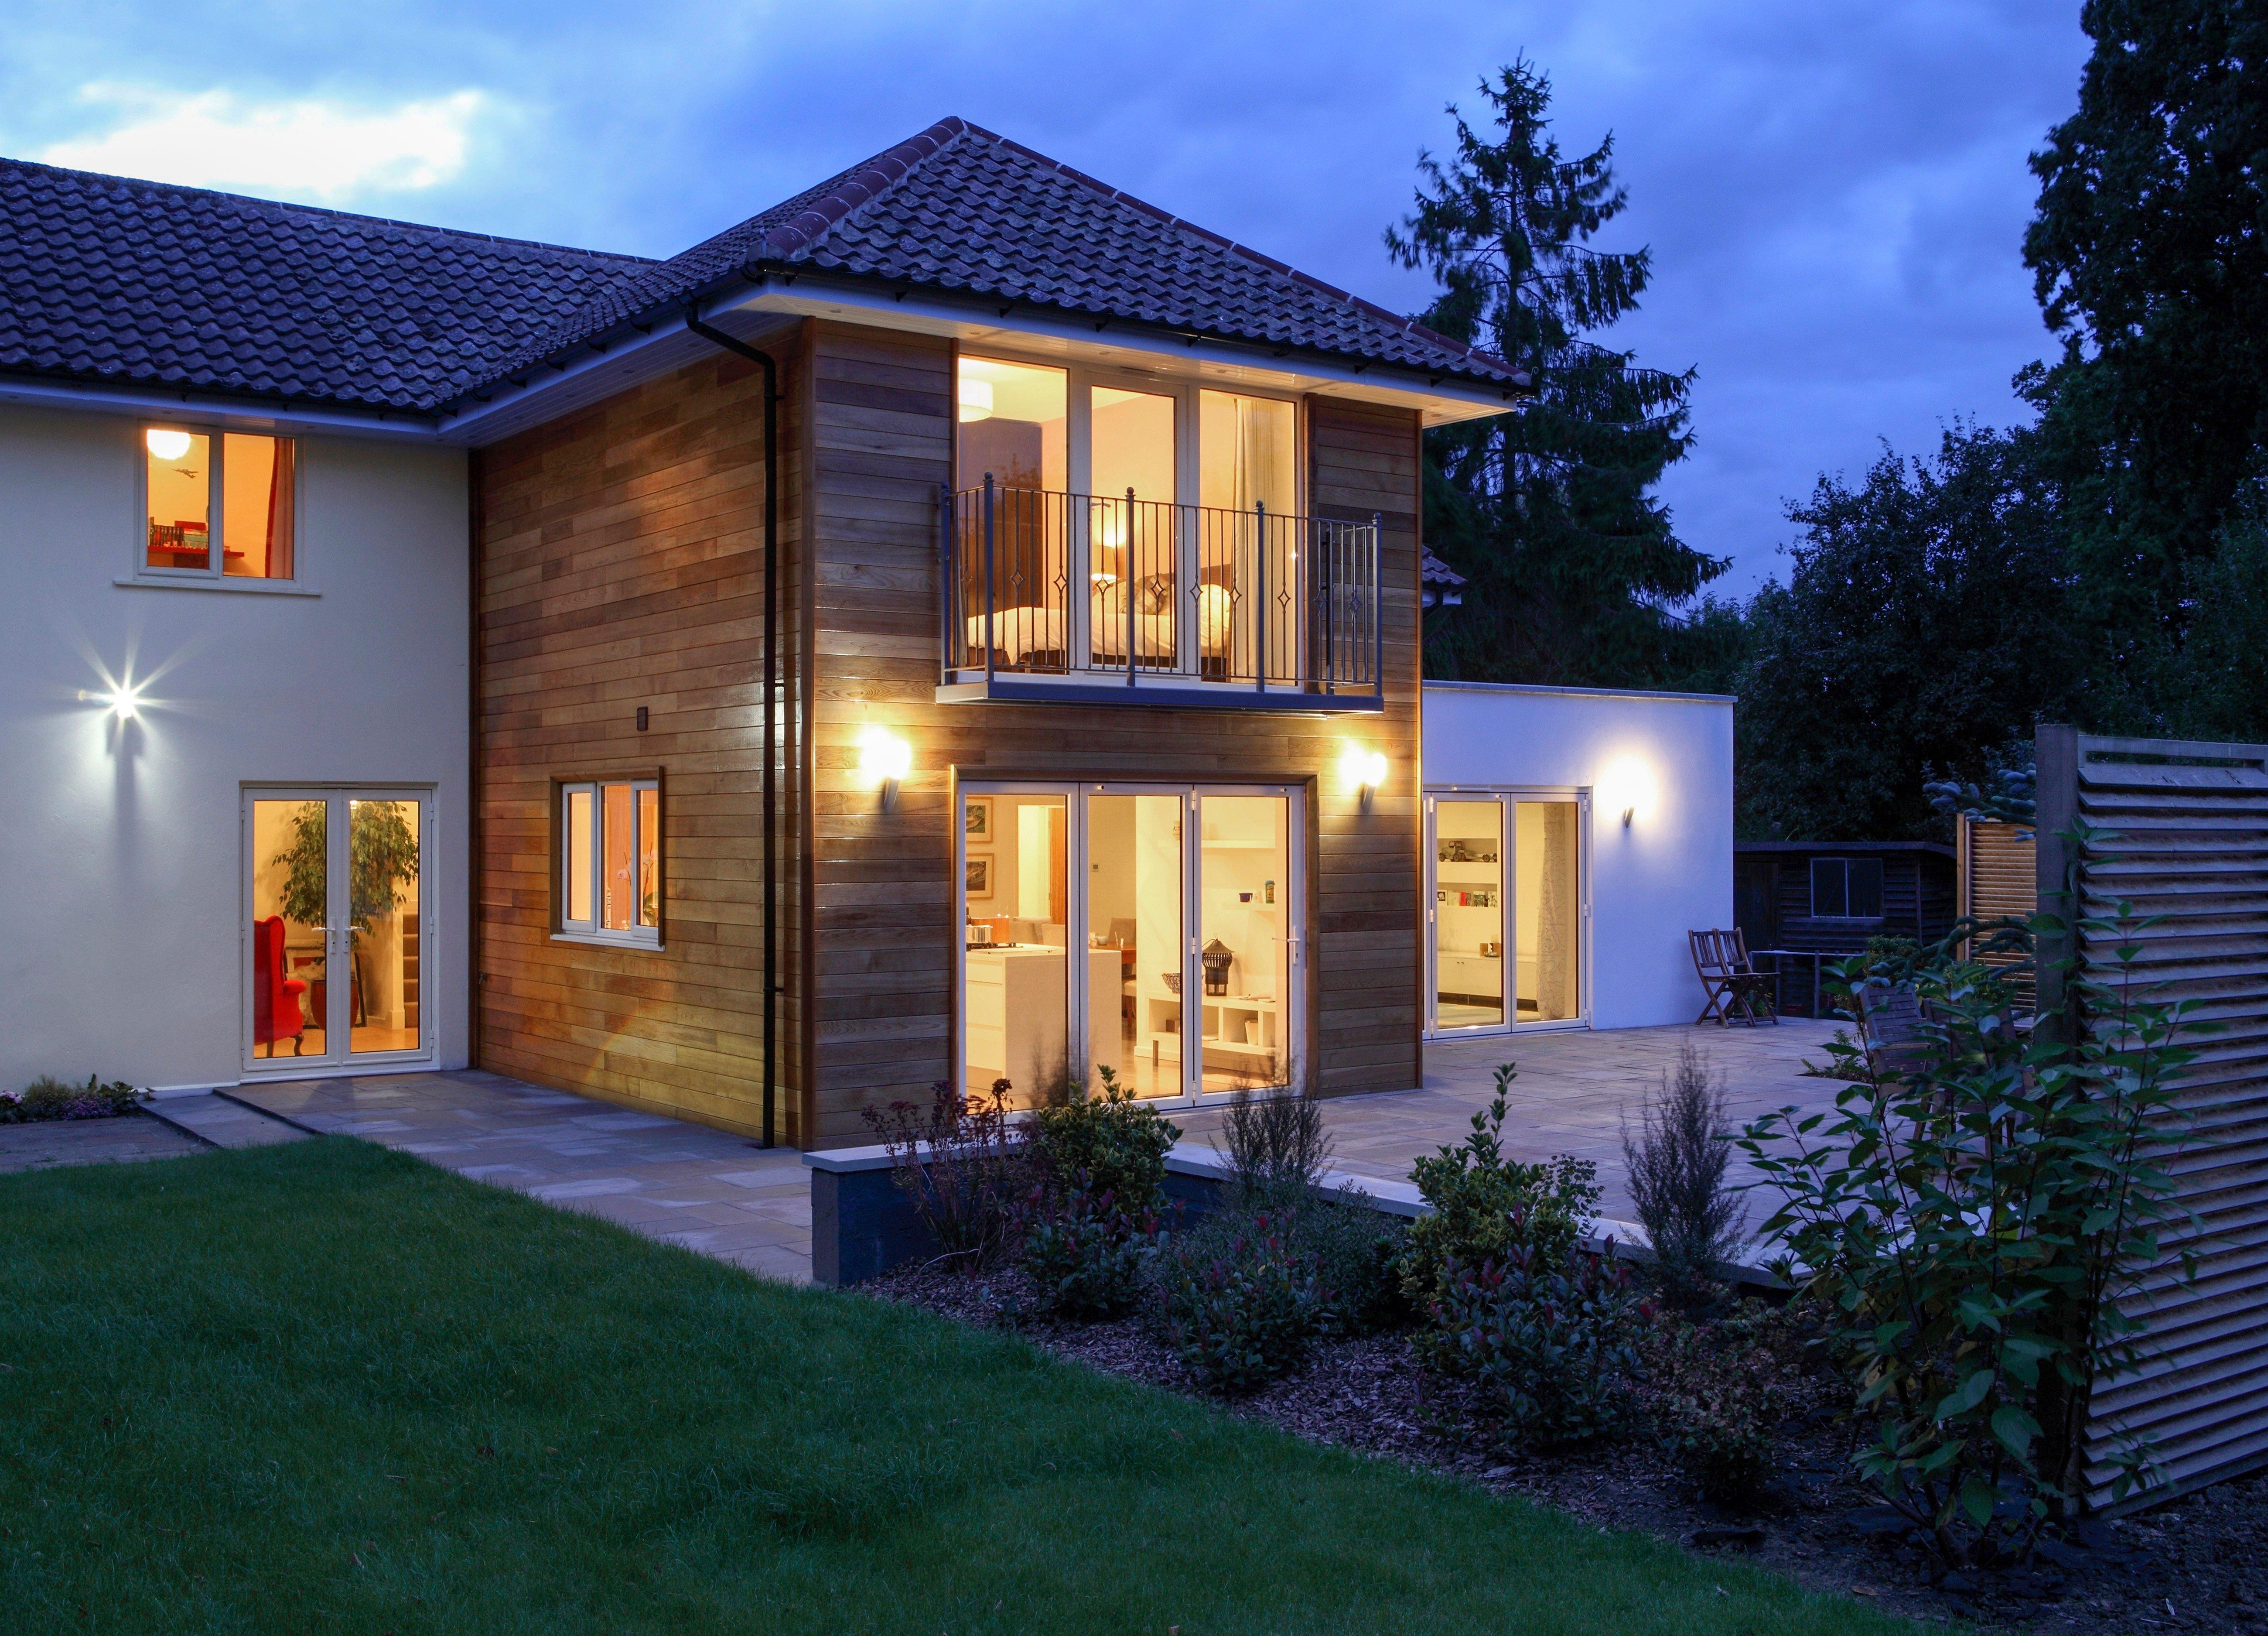 House renovation by MKH Ltd